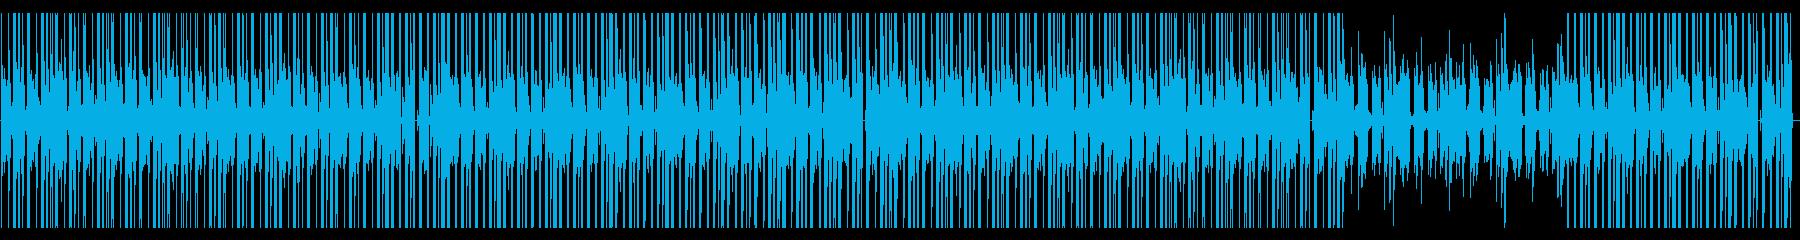 女性ボーカルとギターのヒップホップの再生済みの波形